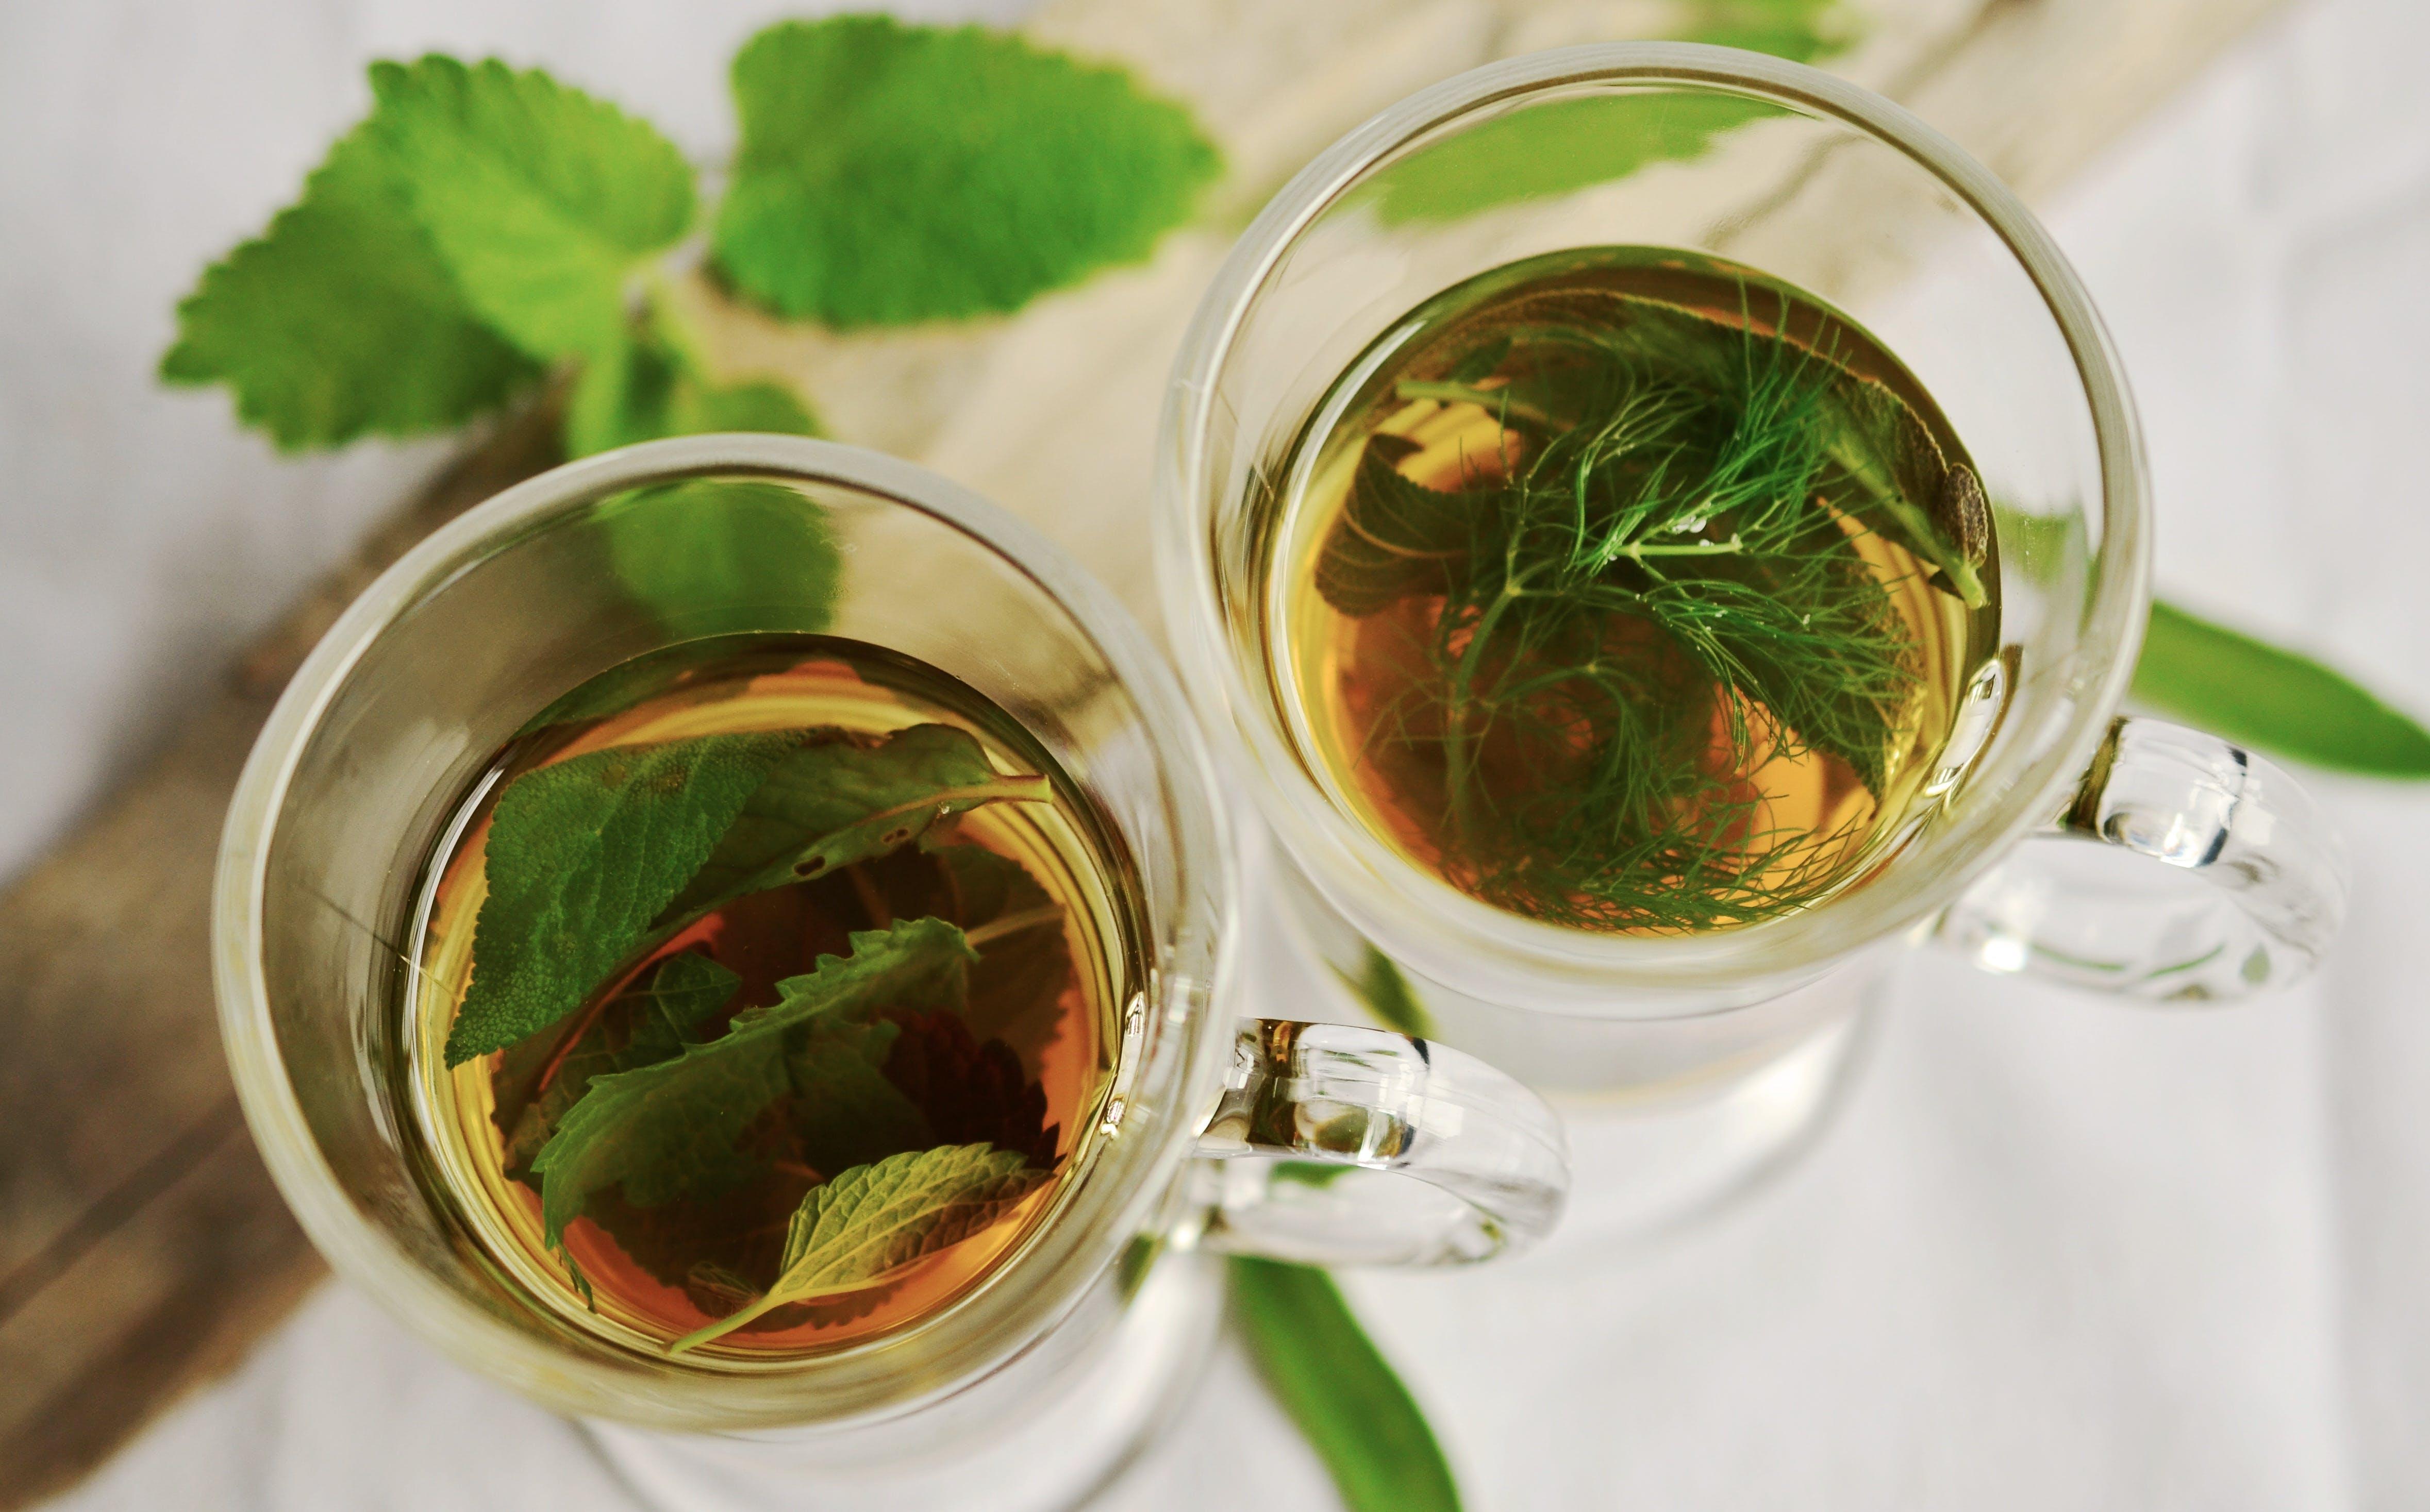 Foto stok gratis aromatik, cangkir, cangkir teh, daun mint